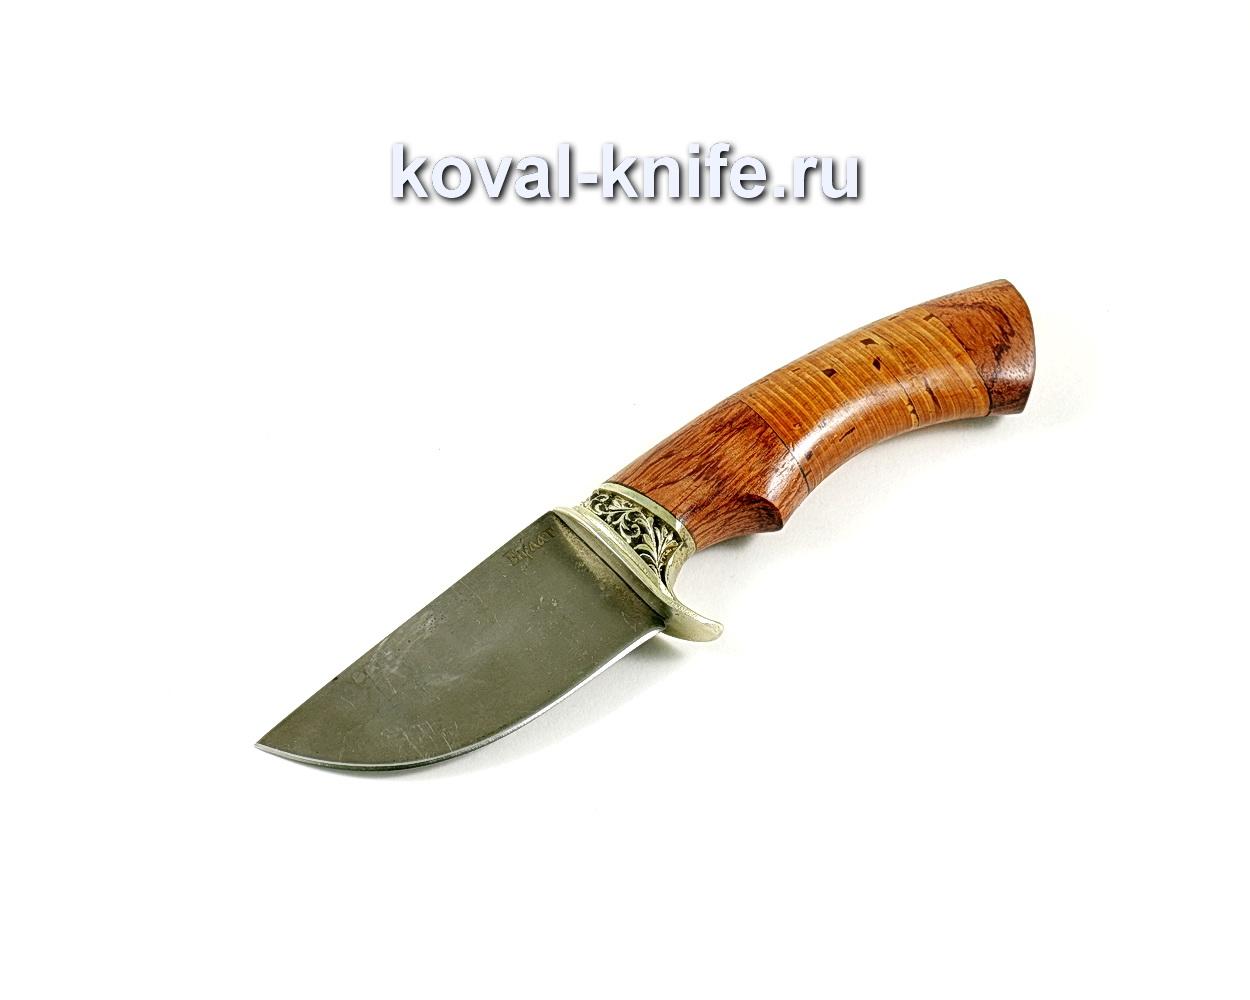 Нож Скин (сталь Булат), рукоять бубинго, береста, литье A202